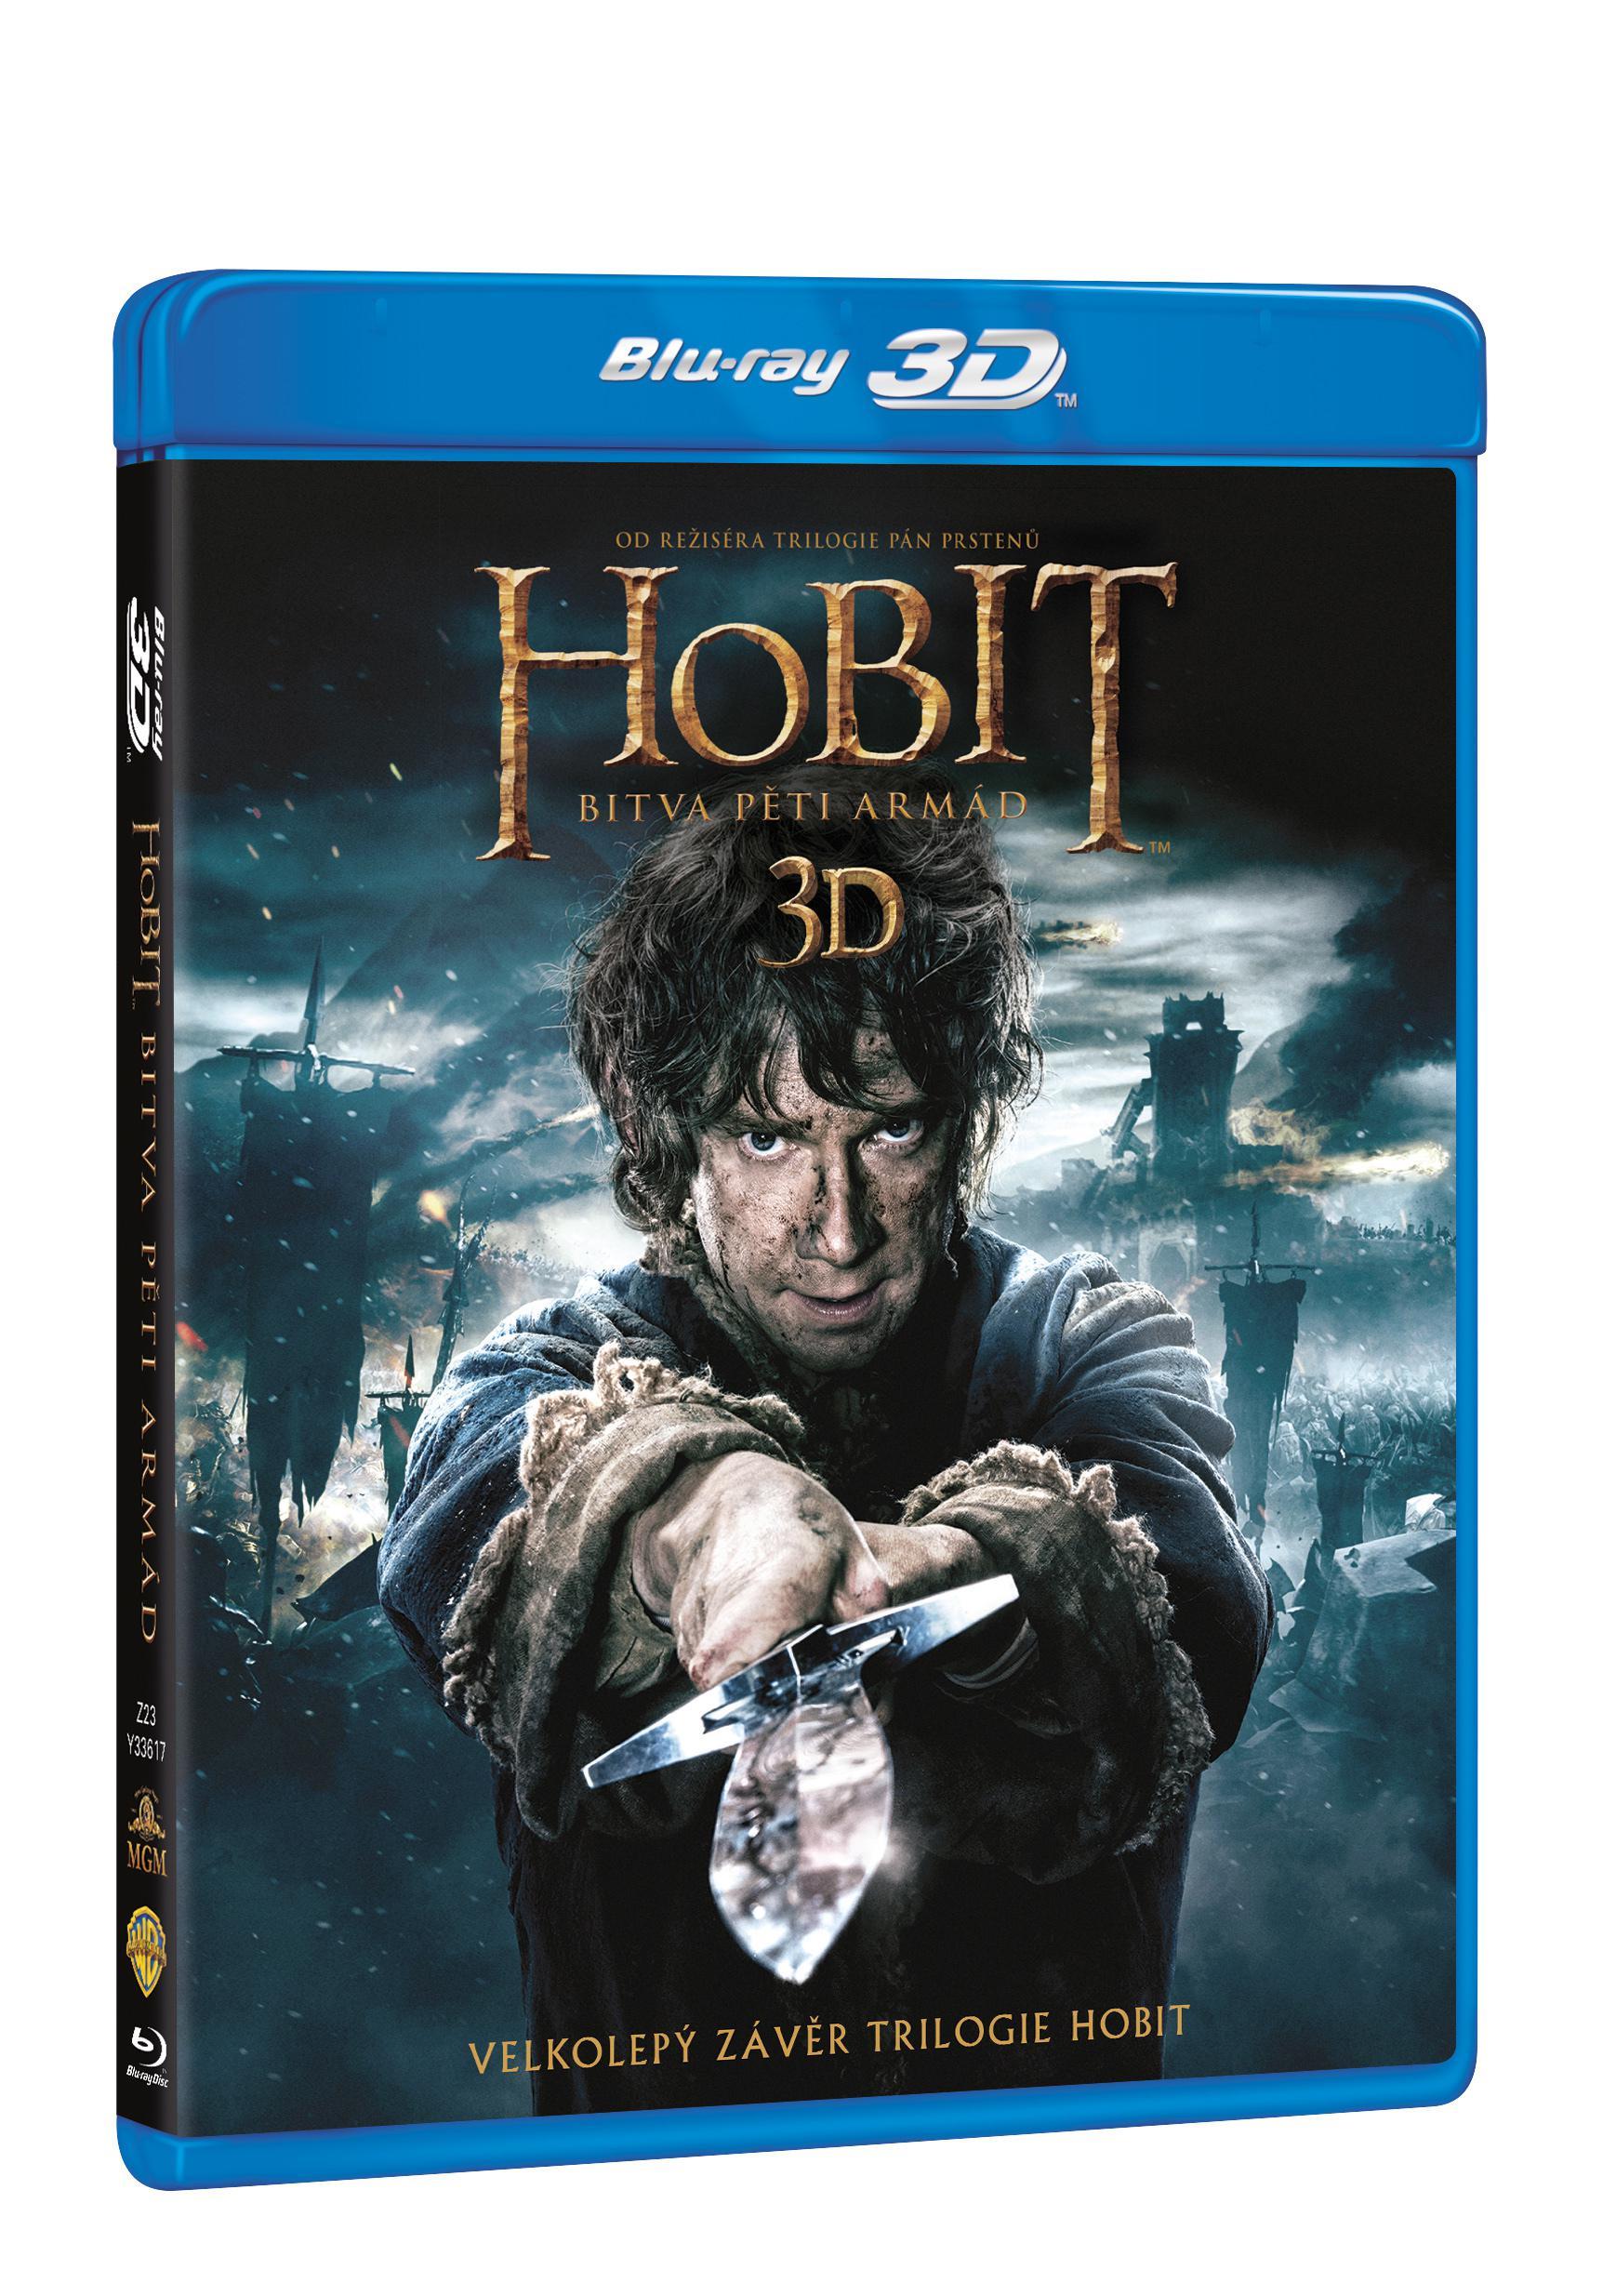 Hobit: Bitva pěti armád 2D + 3D 4BD (Hobit 3) (Bluray)